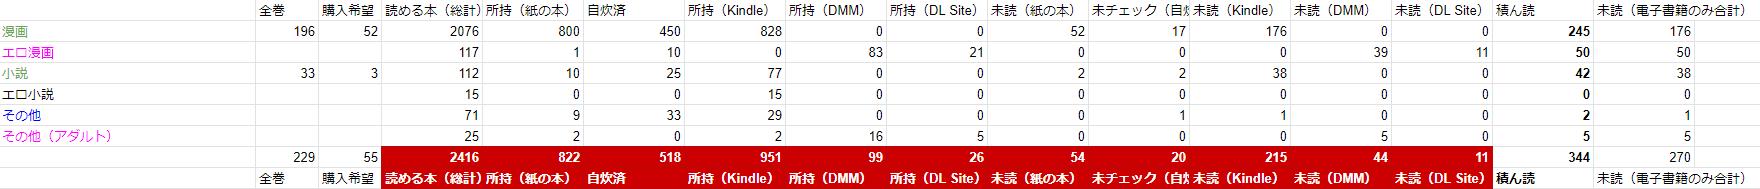 tsumihon-2020-5.png